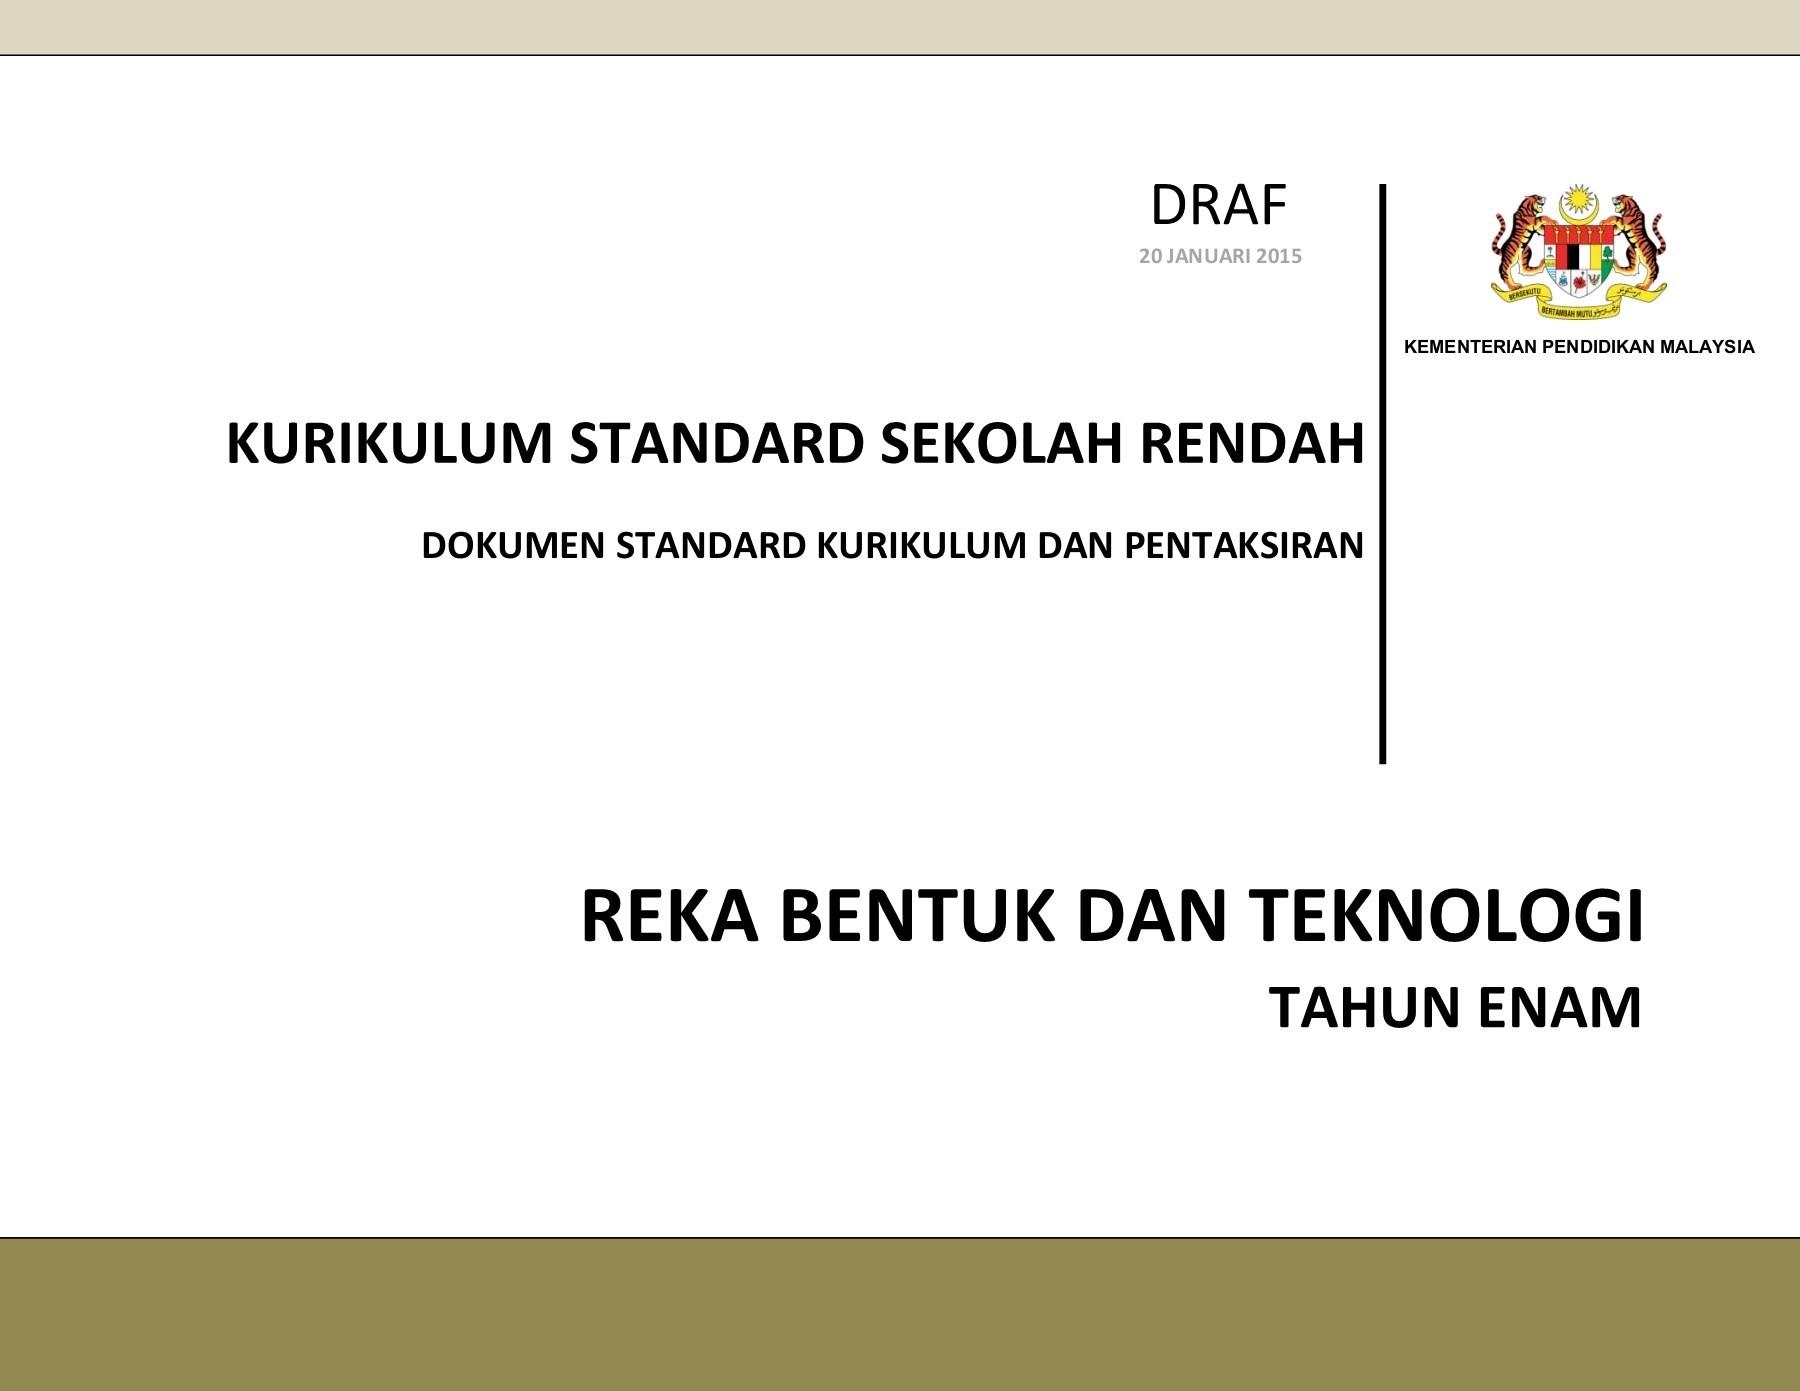 Download Dskp Bahasa Melayu Tahun 6 Berguna Dskp Kssr Reka Bentuk Teknologi Tahun 6 Pages 1 32 Text Of Dapatkan Dskp Bahasa Melayu Tahun 6 Yang Bermanfaat Khas Untuk Ibubapa Muat Turun